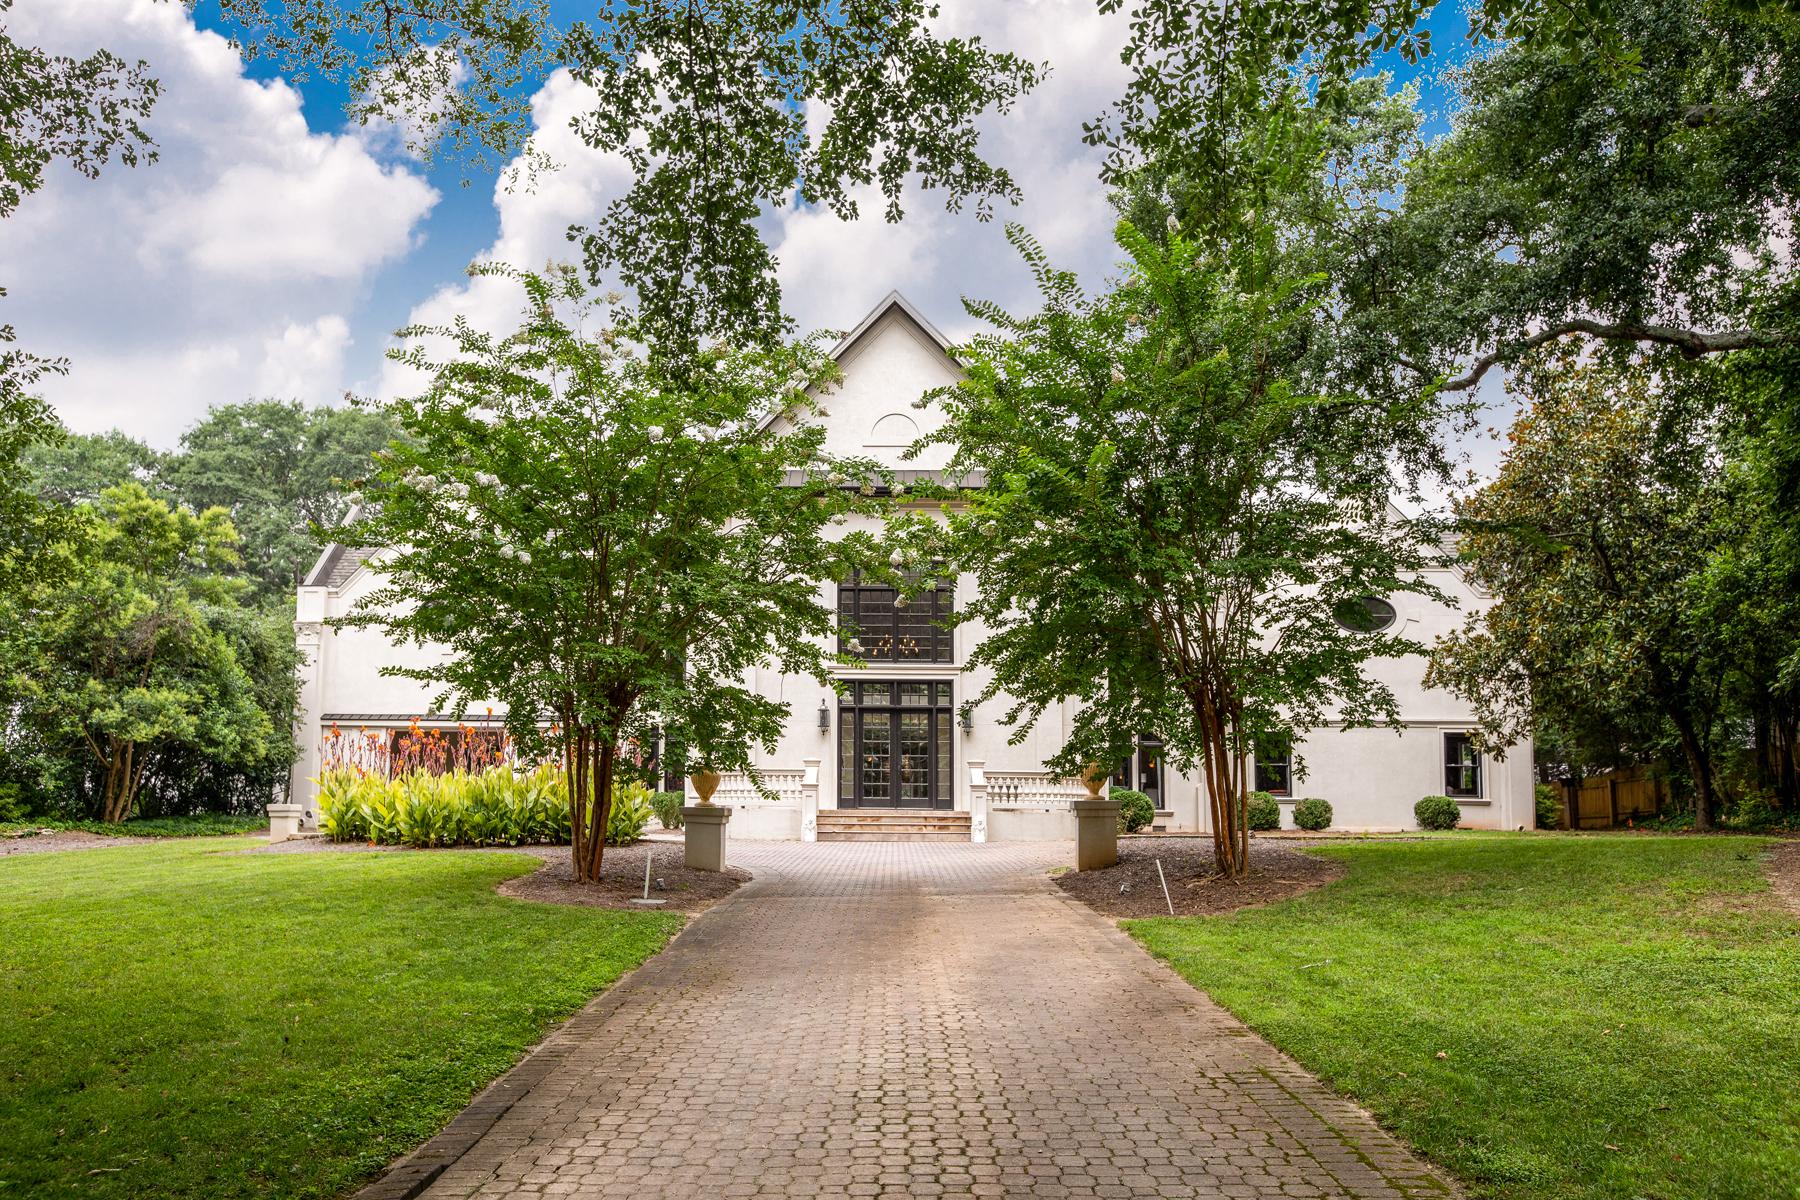 Частный односемейный дом для того Продажа на Lender Owned Buckhead Estate 3206 Arden Road NW Atlanta, Джорджия 30305 Соединенные Штаты